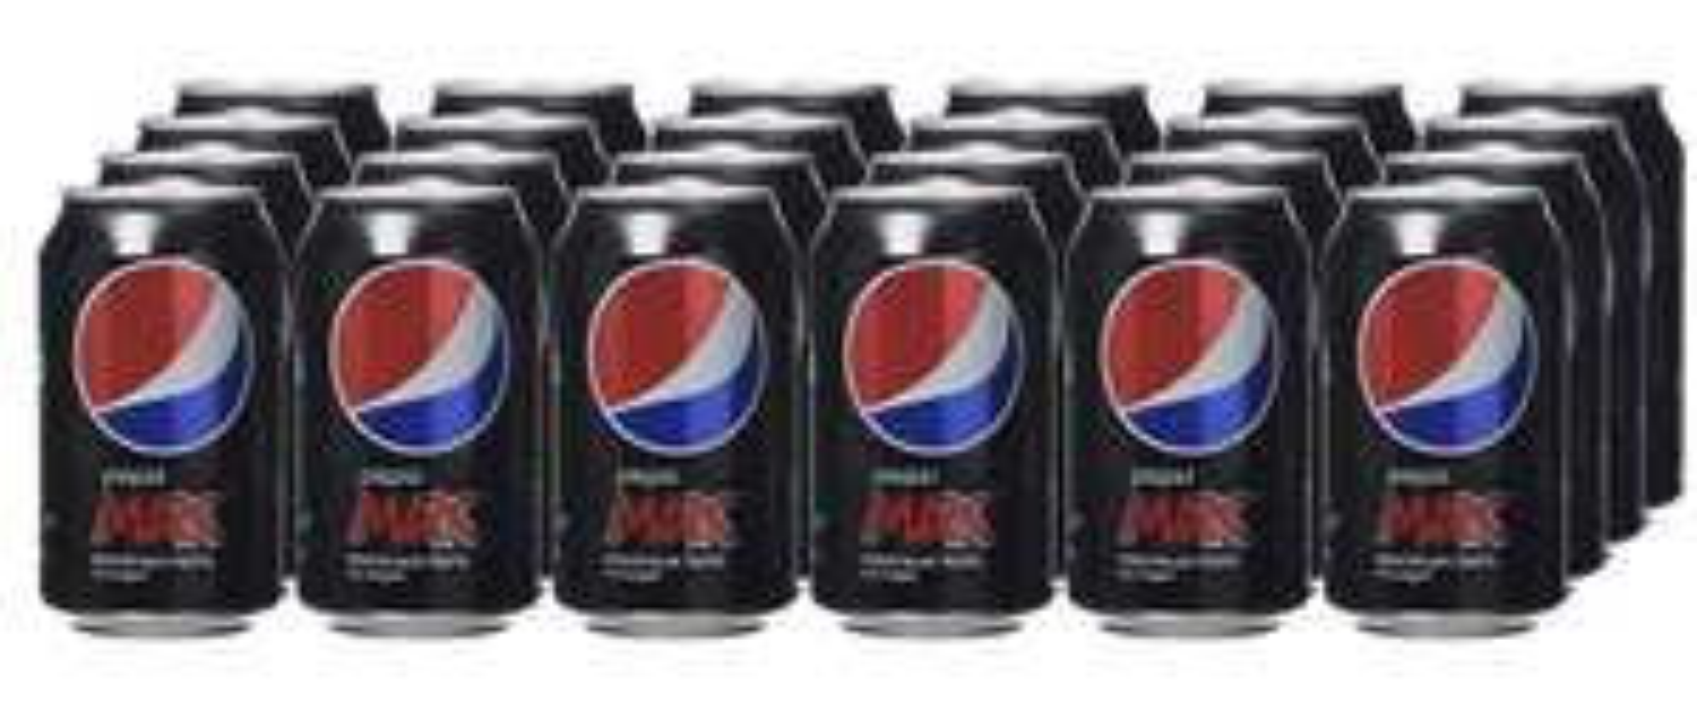 Pepsi Max Cola Can 330 ml (Pack of 24) - £6.50 Prime / £10.99 Non Prime @ Amazon